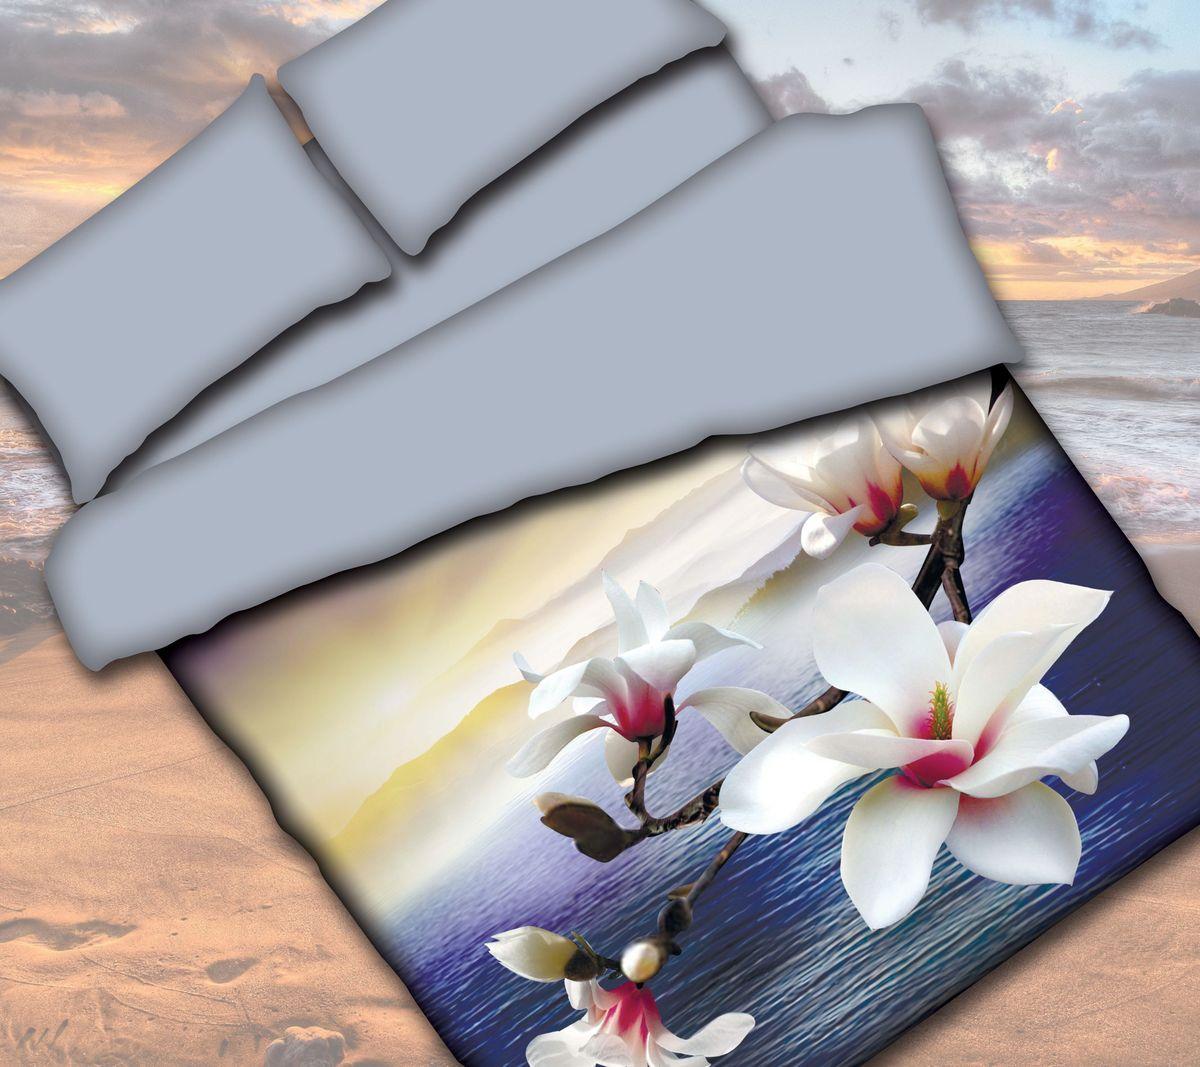 Комплект белья Коллекция Орхидея, 2-спальный, наволочки 70x70. СРП2/70/ОЗ/орхСРП2/70/ОЗ/орхКомплект постельного белья Коллекция прекрасно украсит любой интерьер. Выполнен из сатина. Сатин - это гладкая и прочная ткань, которая своим блеском, легкостью и гладкостью очень похожа на шелк. Ткань практически не мнется, поэтому его можно не гладить. Он практичен, так как хорошо переносит множественные стирки. Комплект включает в себя: простыню 220 х 224 см, пододеяльник 175 х 210 см,2 наволочки 70 х 70 см.